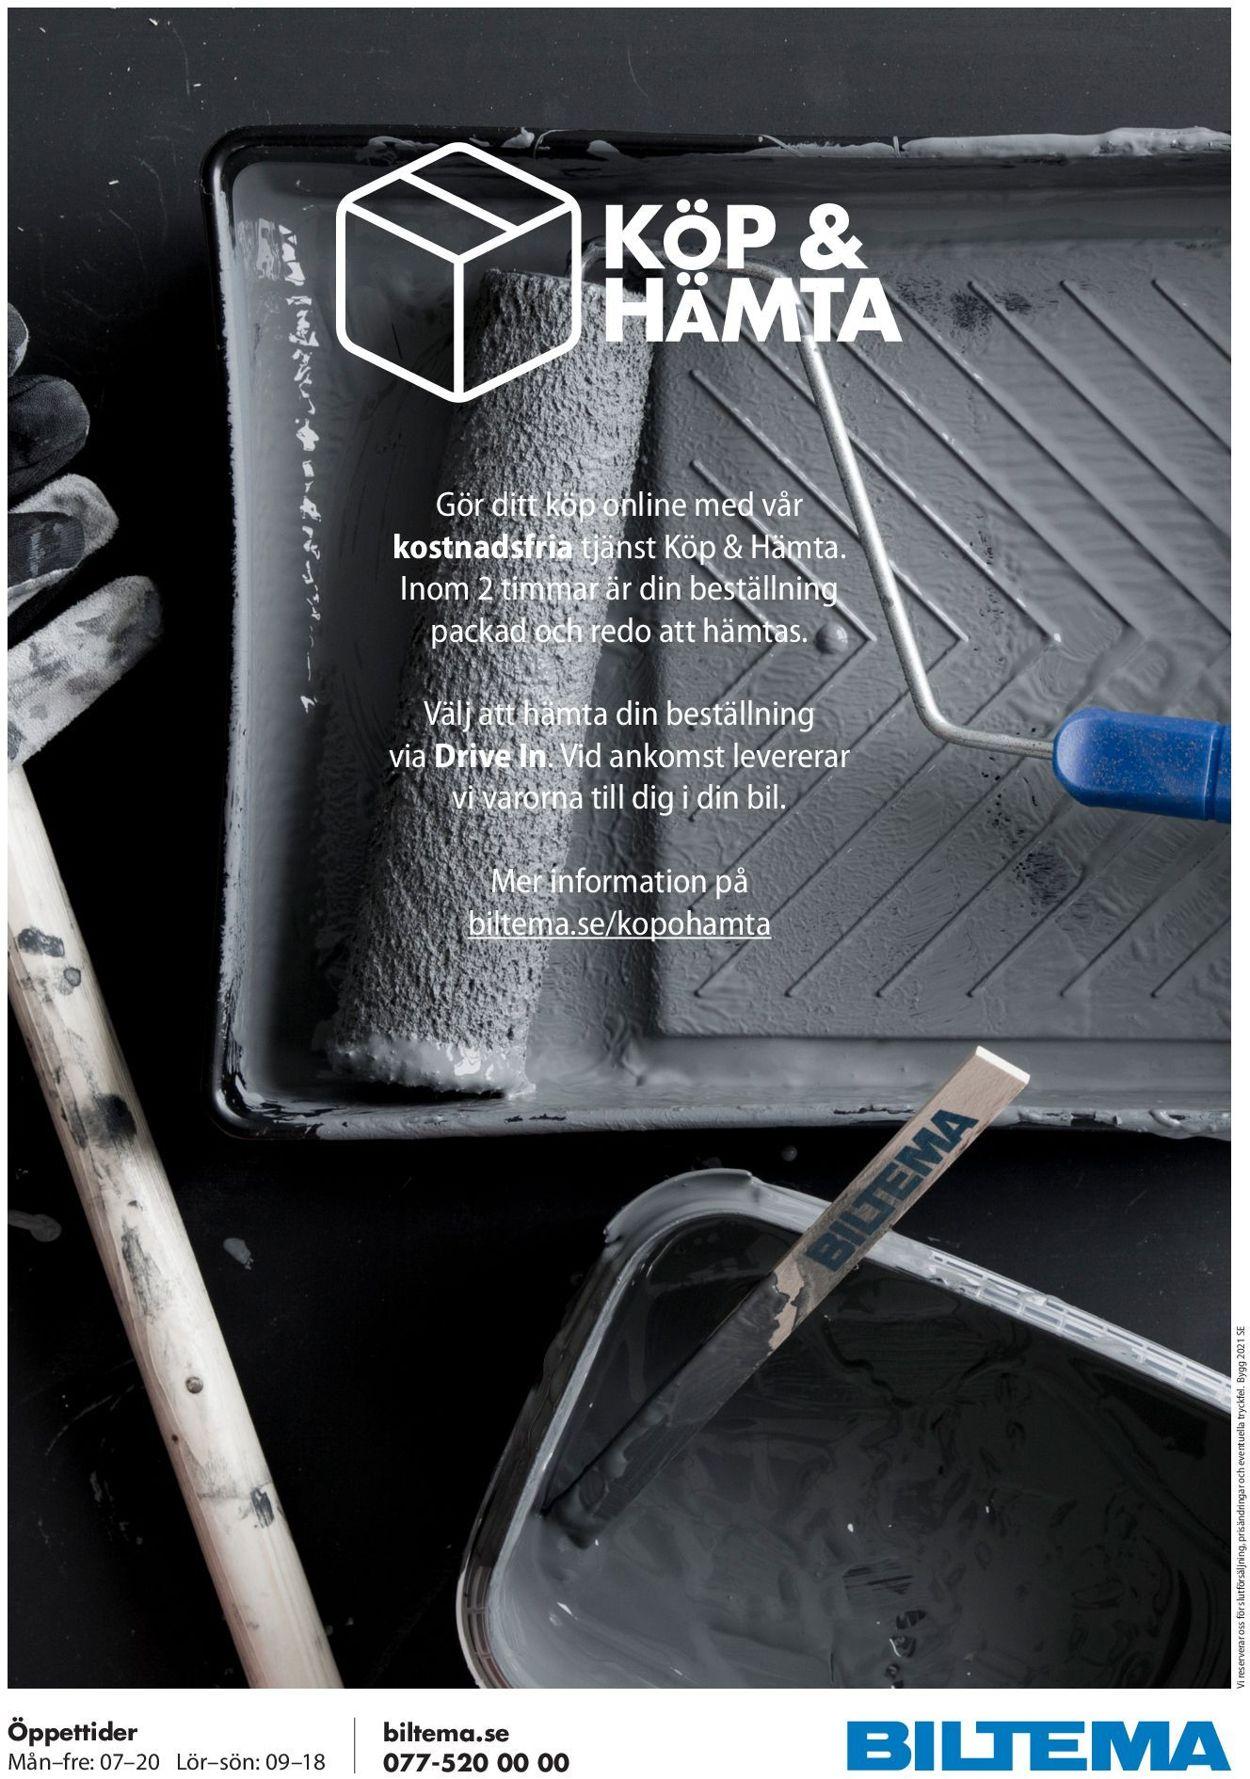 Reklamblad Biltema från 12/04-2021